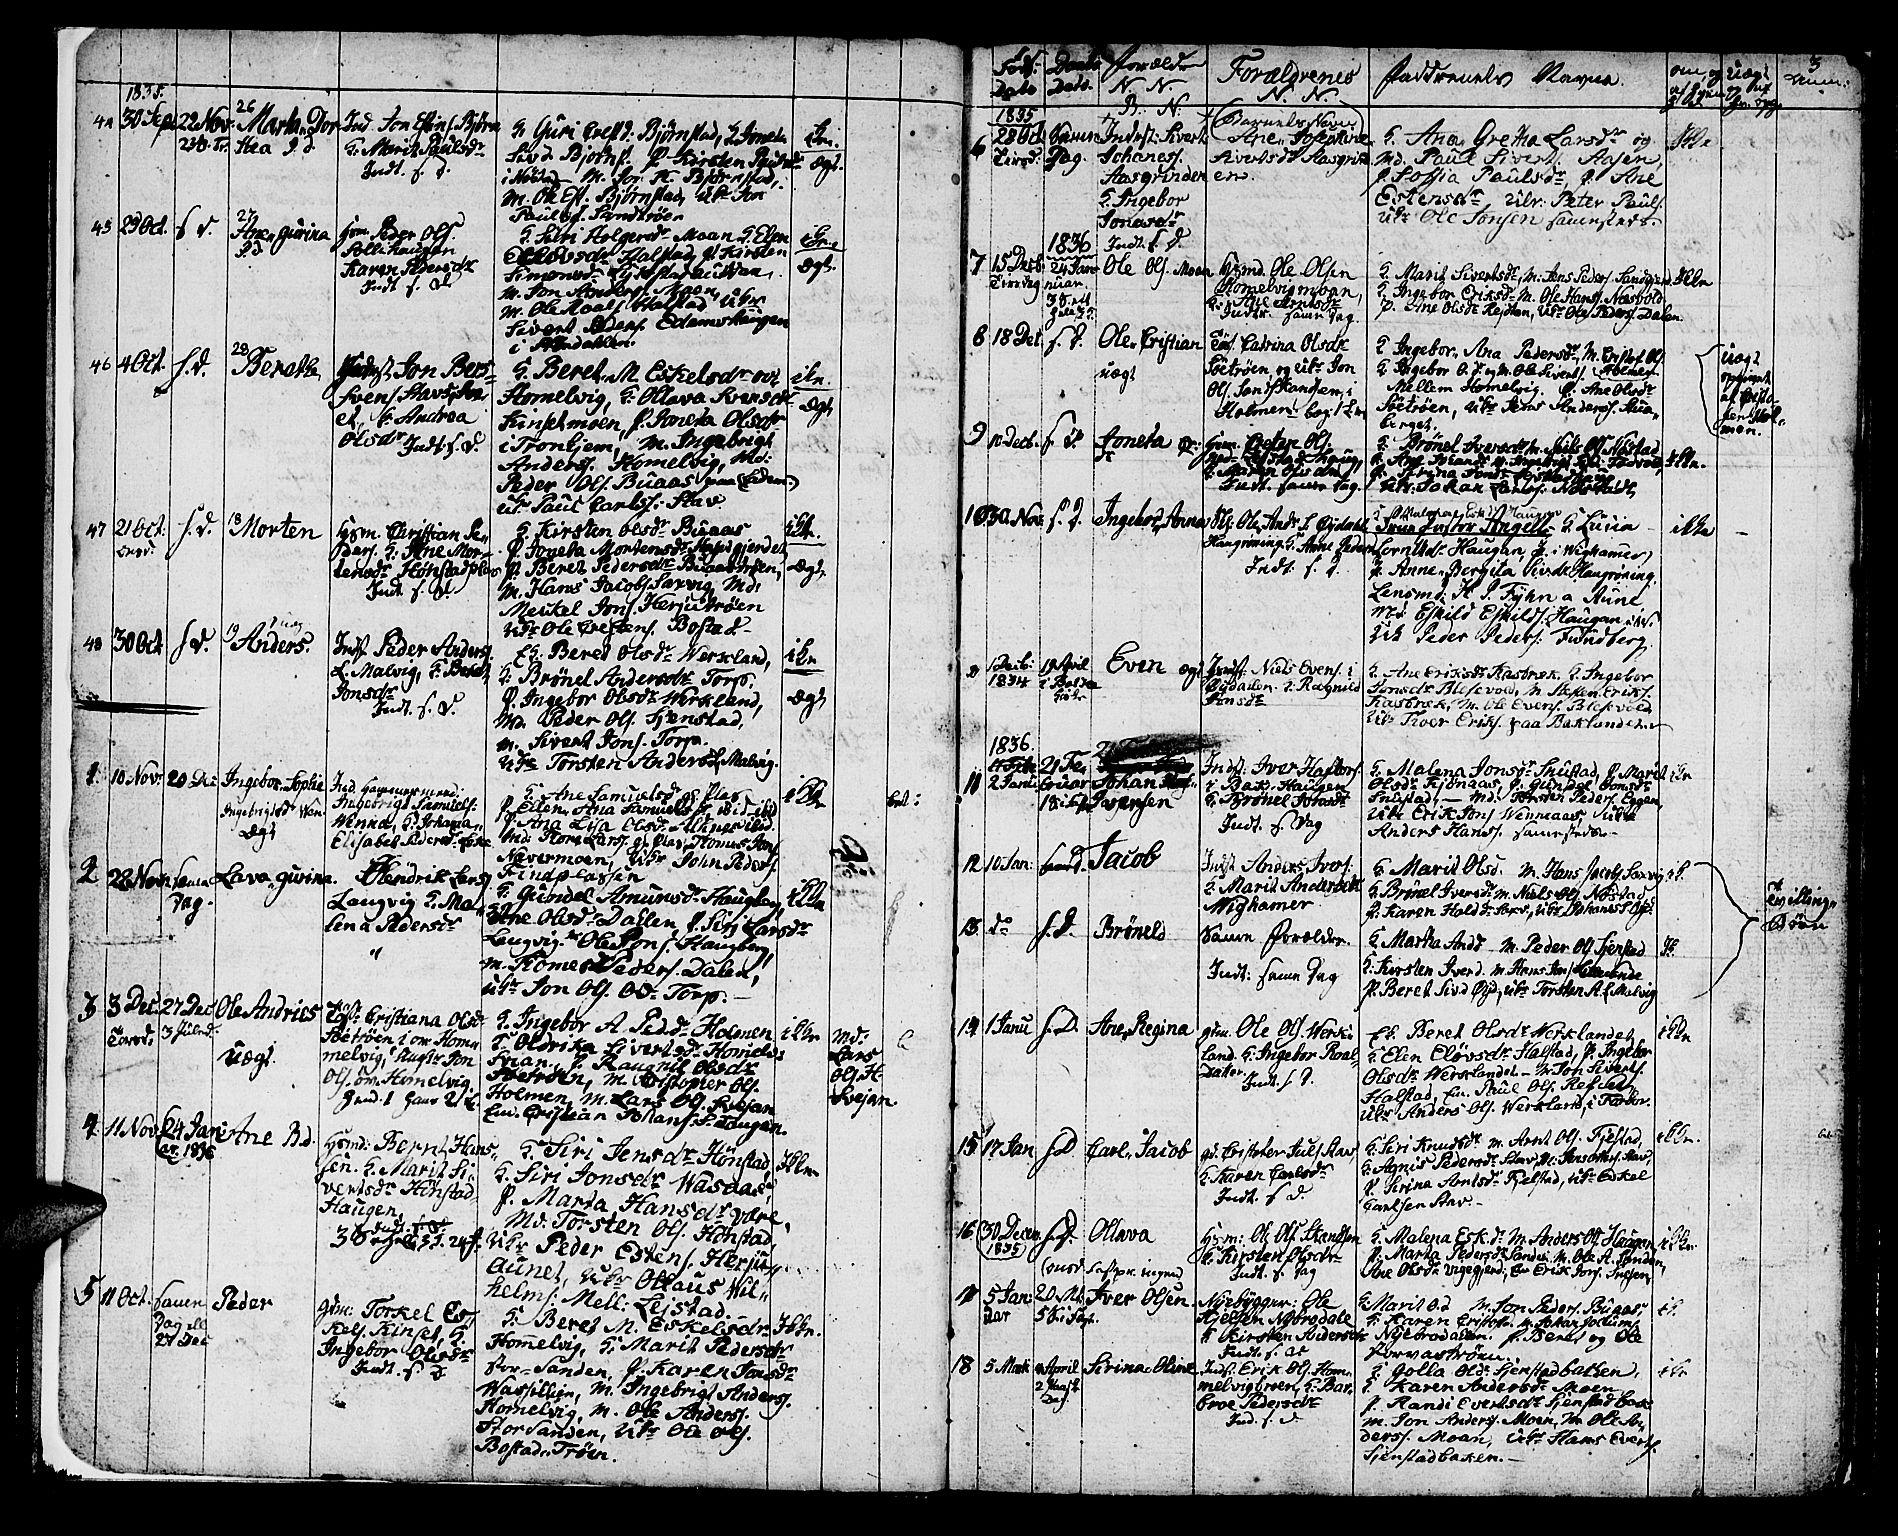 SAT, Ministerialprotokoller, klokkerbøker og fødselsregistre - Sør-Trøndelag, 616/L0421: Klokkerbok nr. 616C04, 1834-1850, s. 3